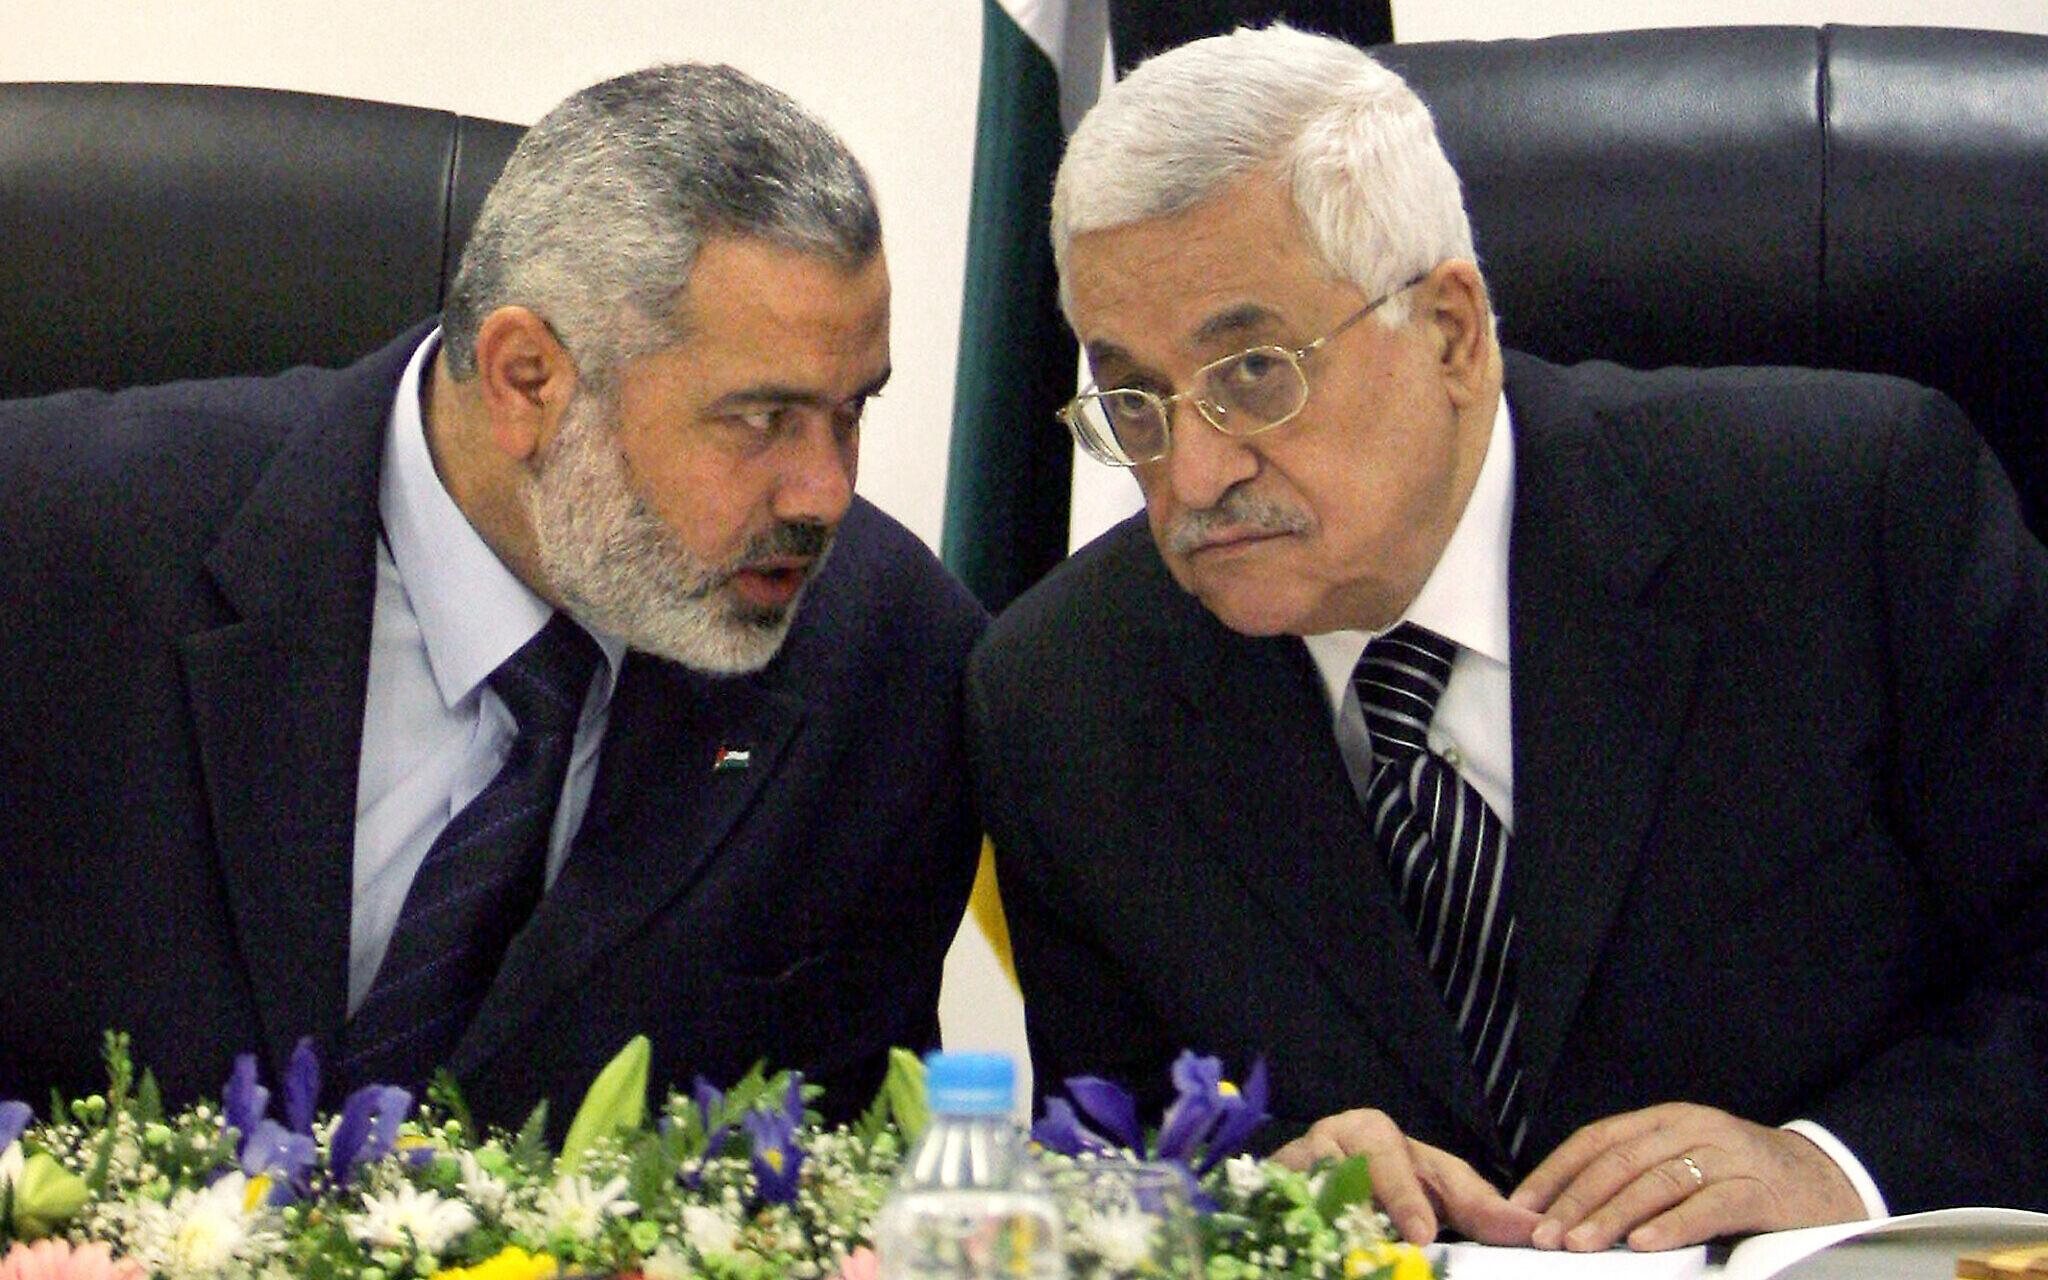 Les prochaines élections palestiniennes pourraient être mauvaises pour Abbas | The Times of Israël